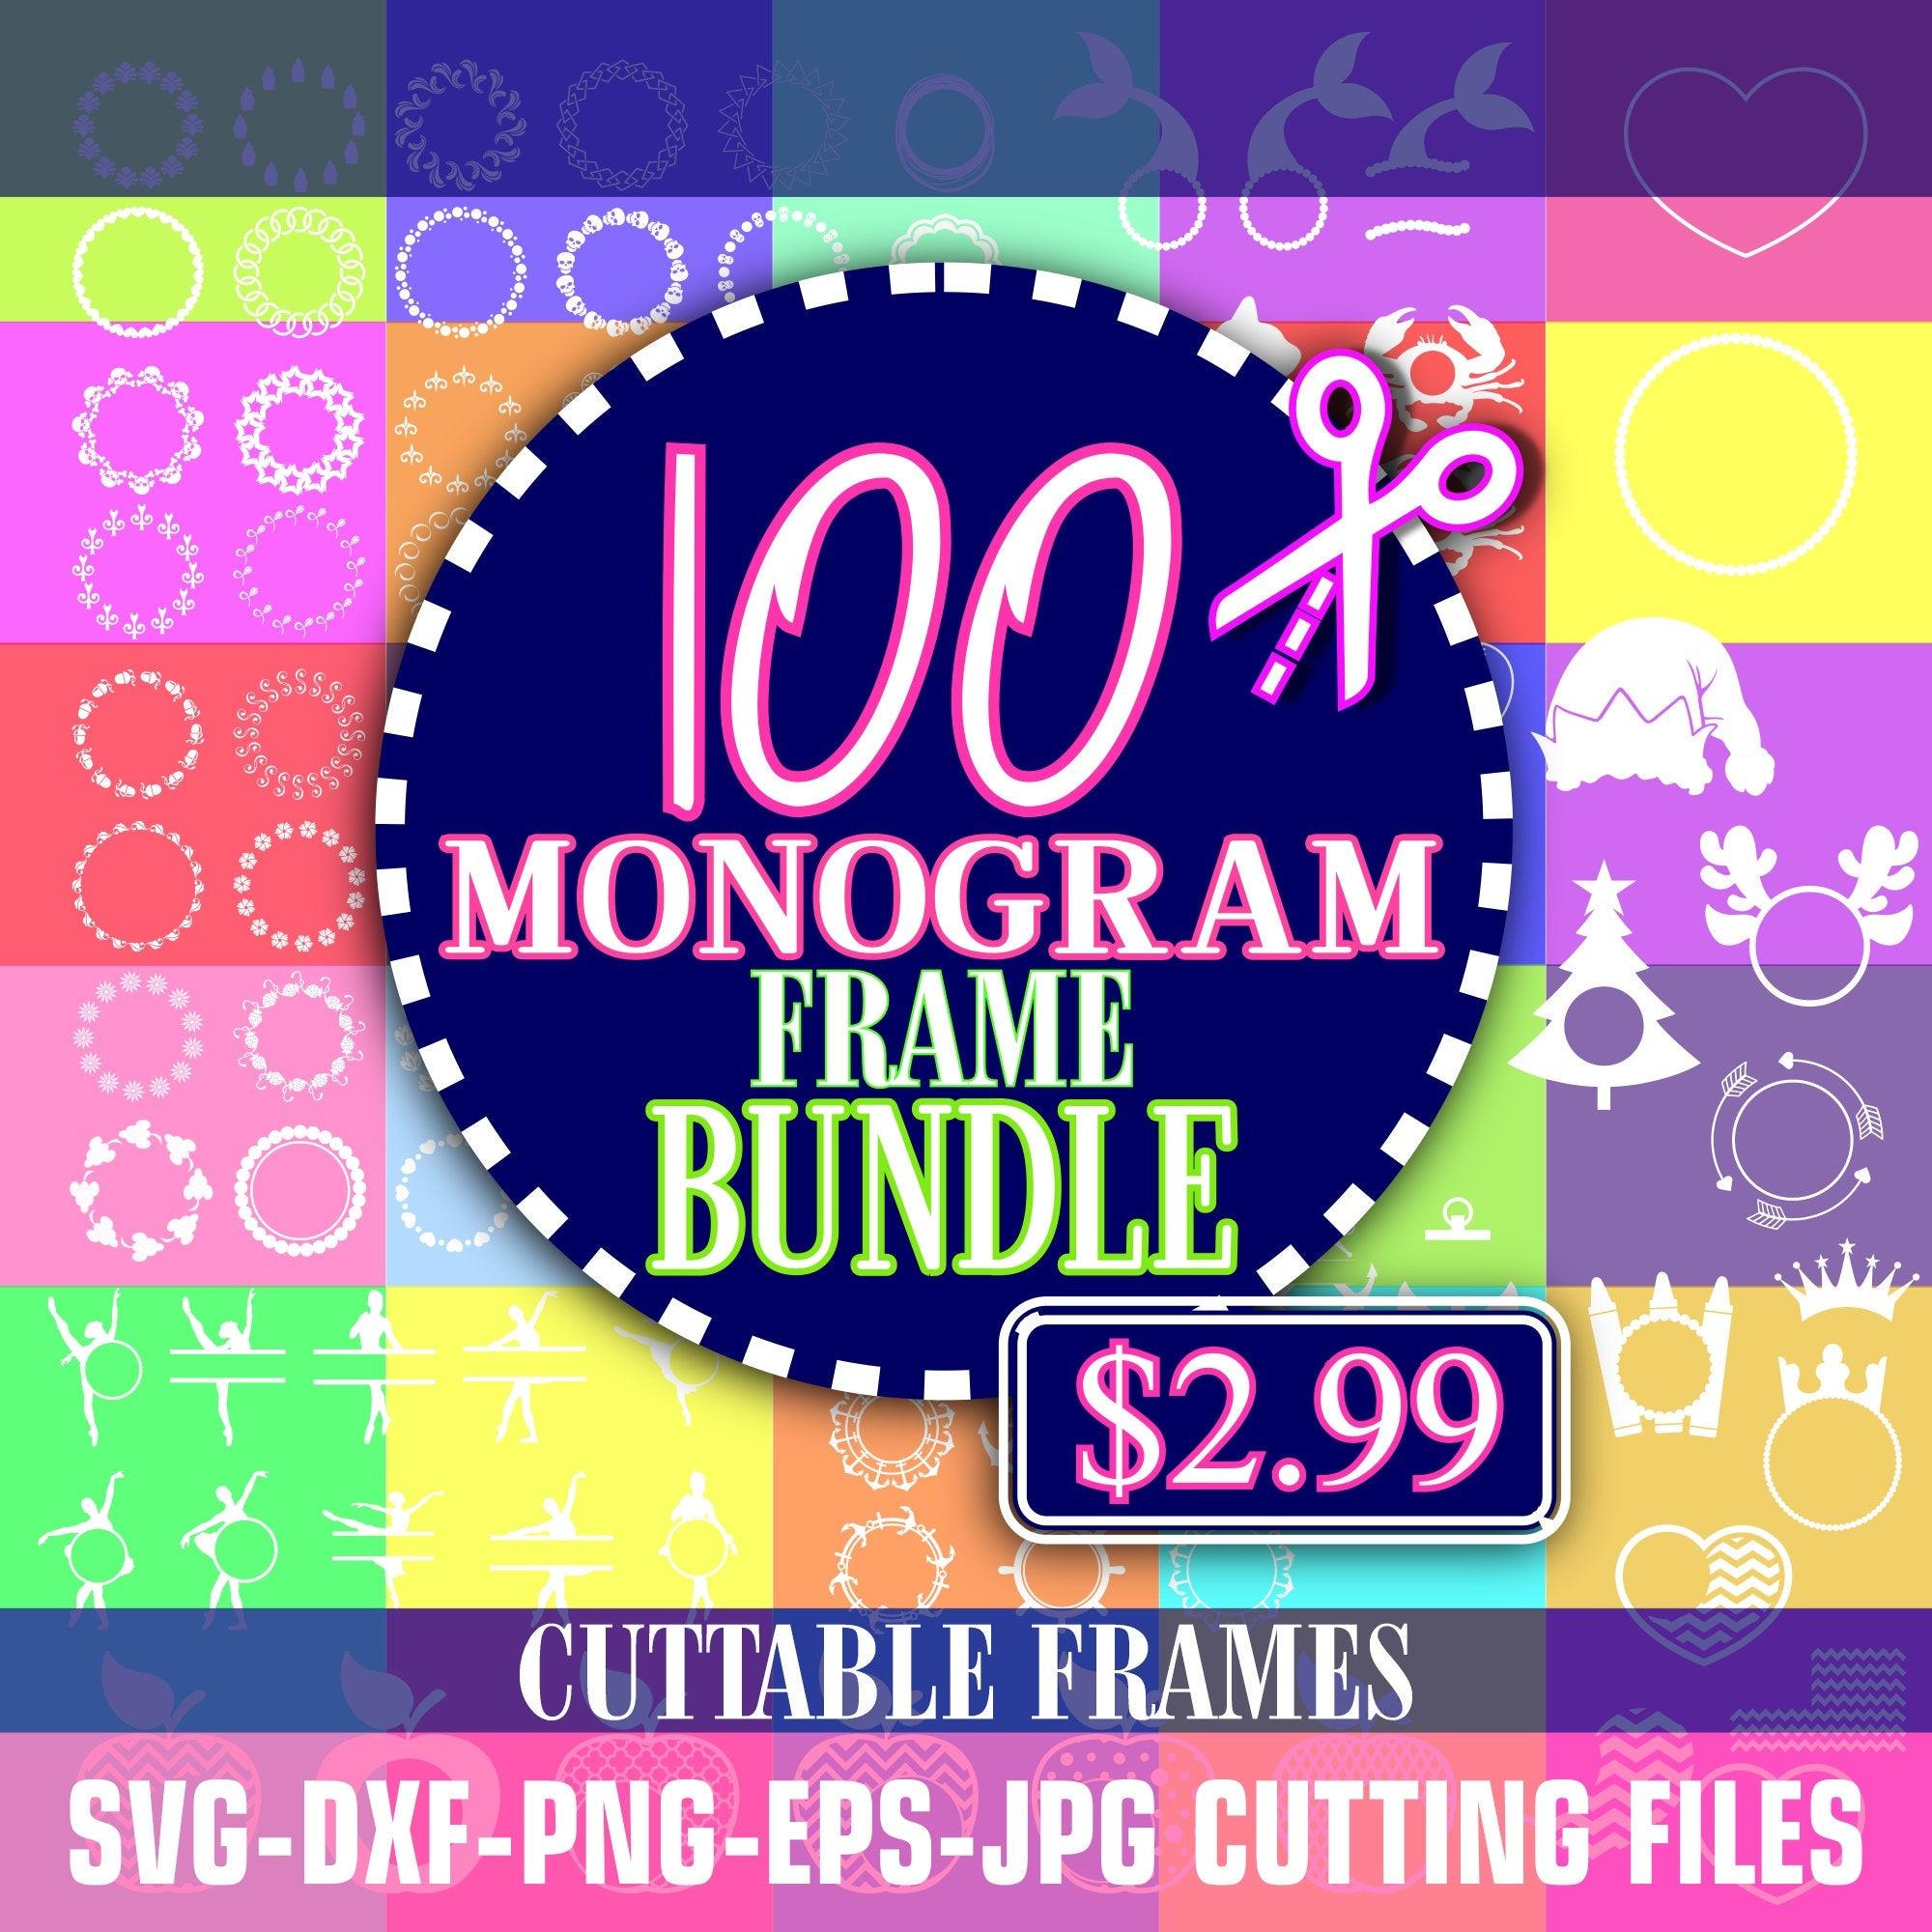 Monogram-frame-bundle-svg-frame-bundle-cricut-bundle-svg-font-monogram-bundle-svg-svg-monogram-frame-svg-for-cricutmonogram-frames-5e226223